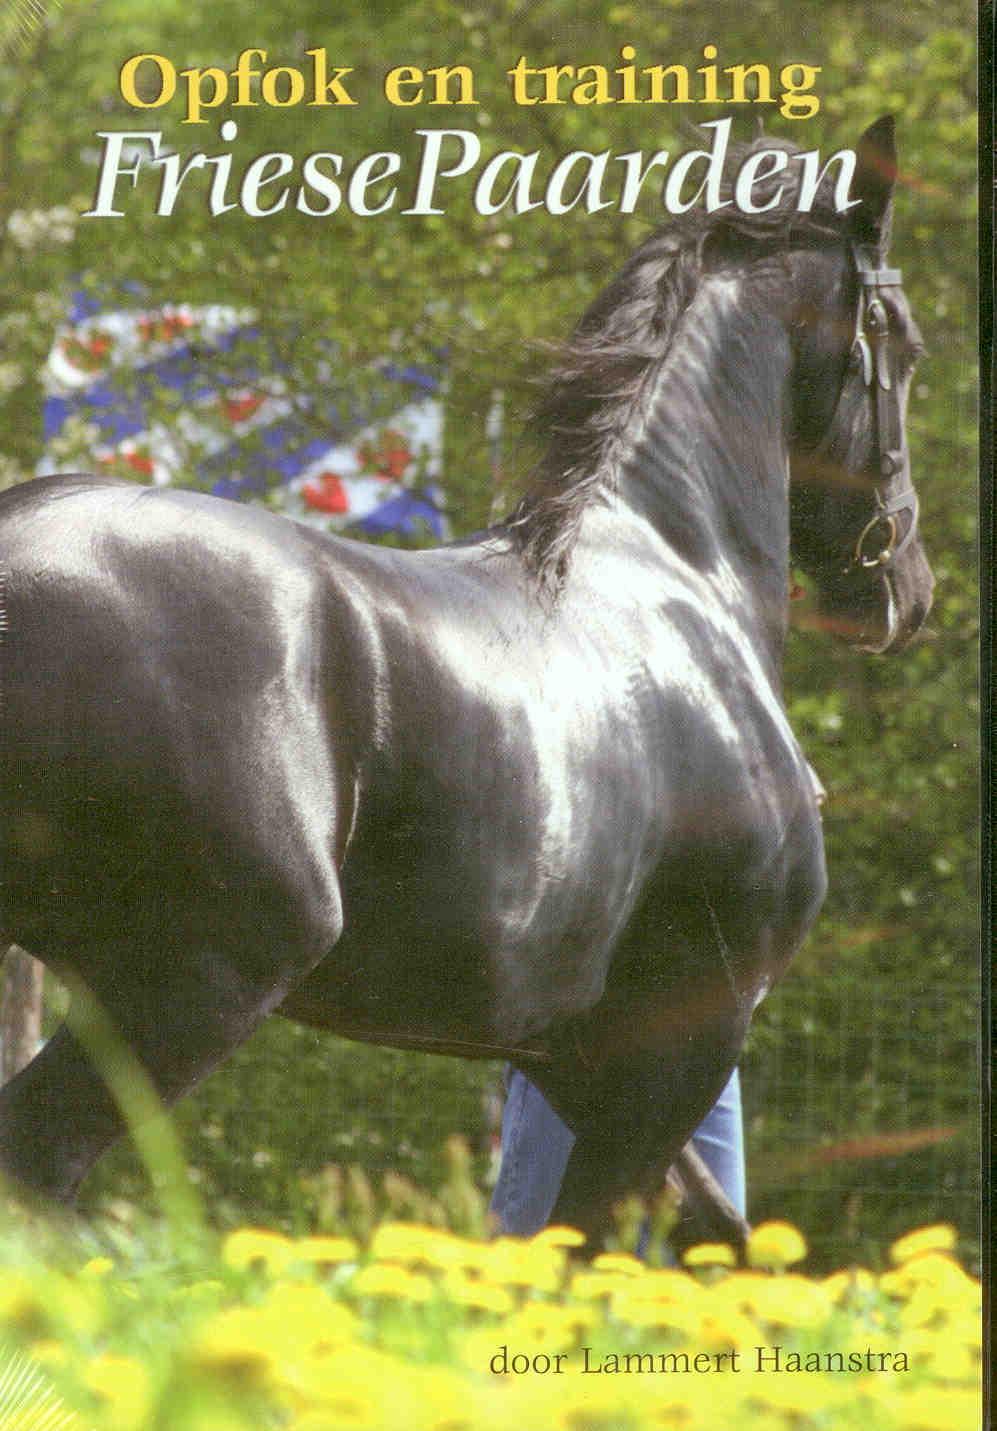 DVD: Opfok en training friese paarden